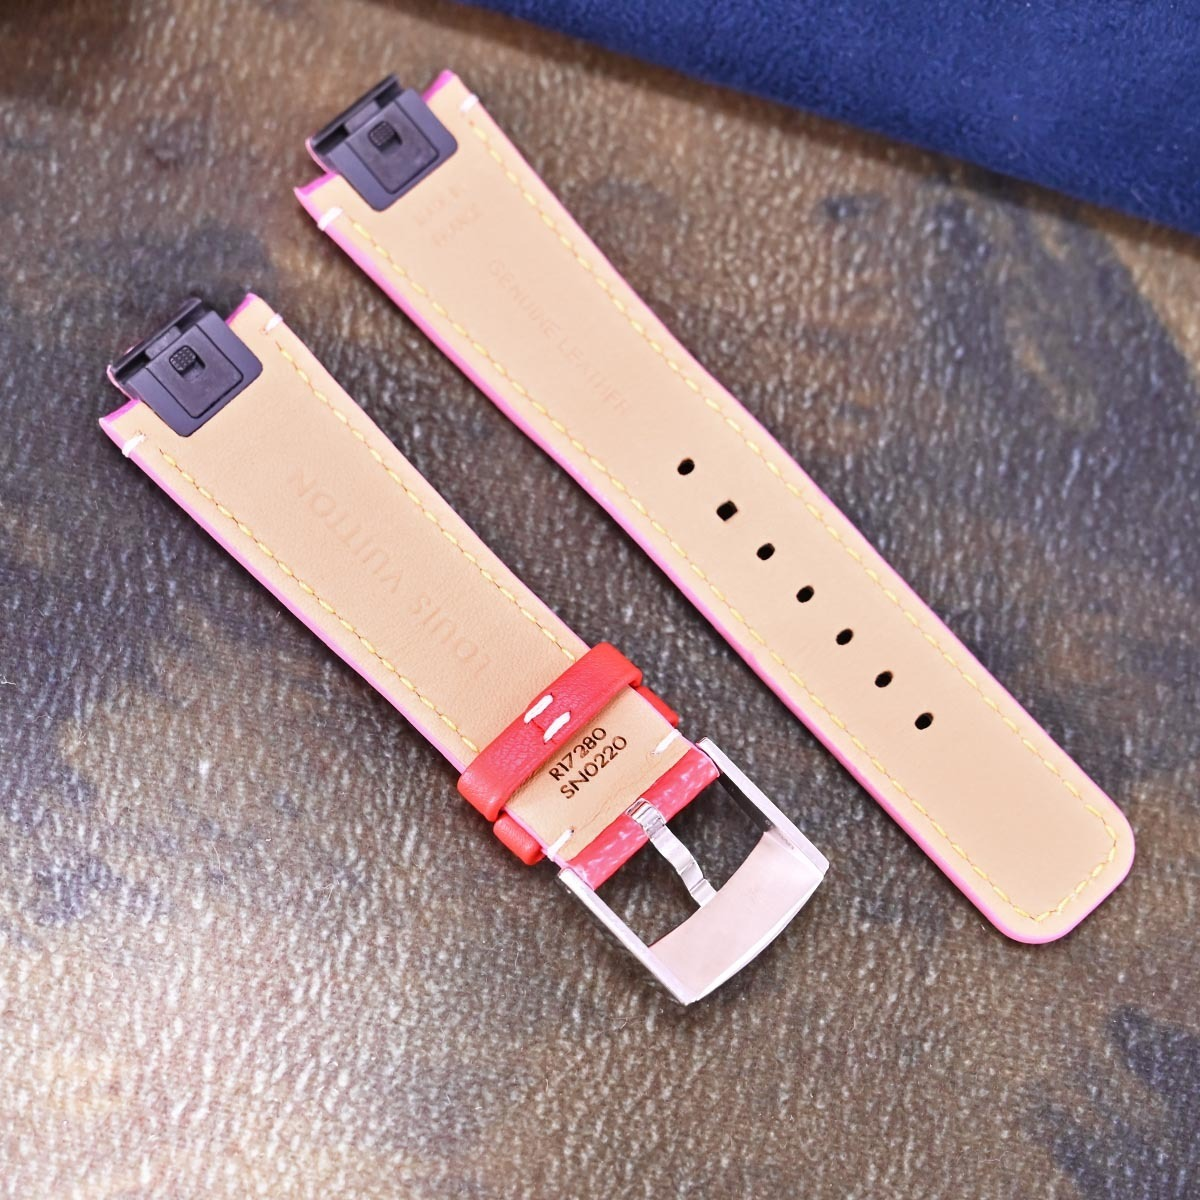 本物 新品 ルイヴィトン 極希少 モノグラム エスカル 現行ワンタッチ型 メンズ タンブール ベルト 尾錠 ウォッチバンド 腕時計 バックル_画像2